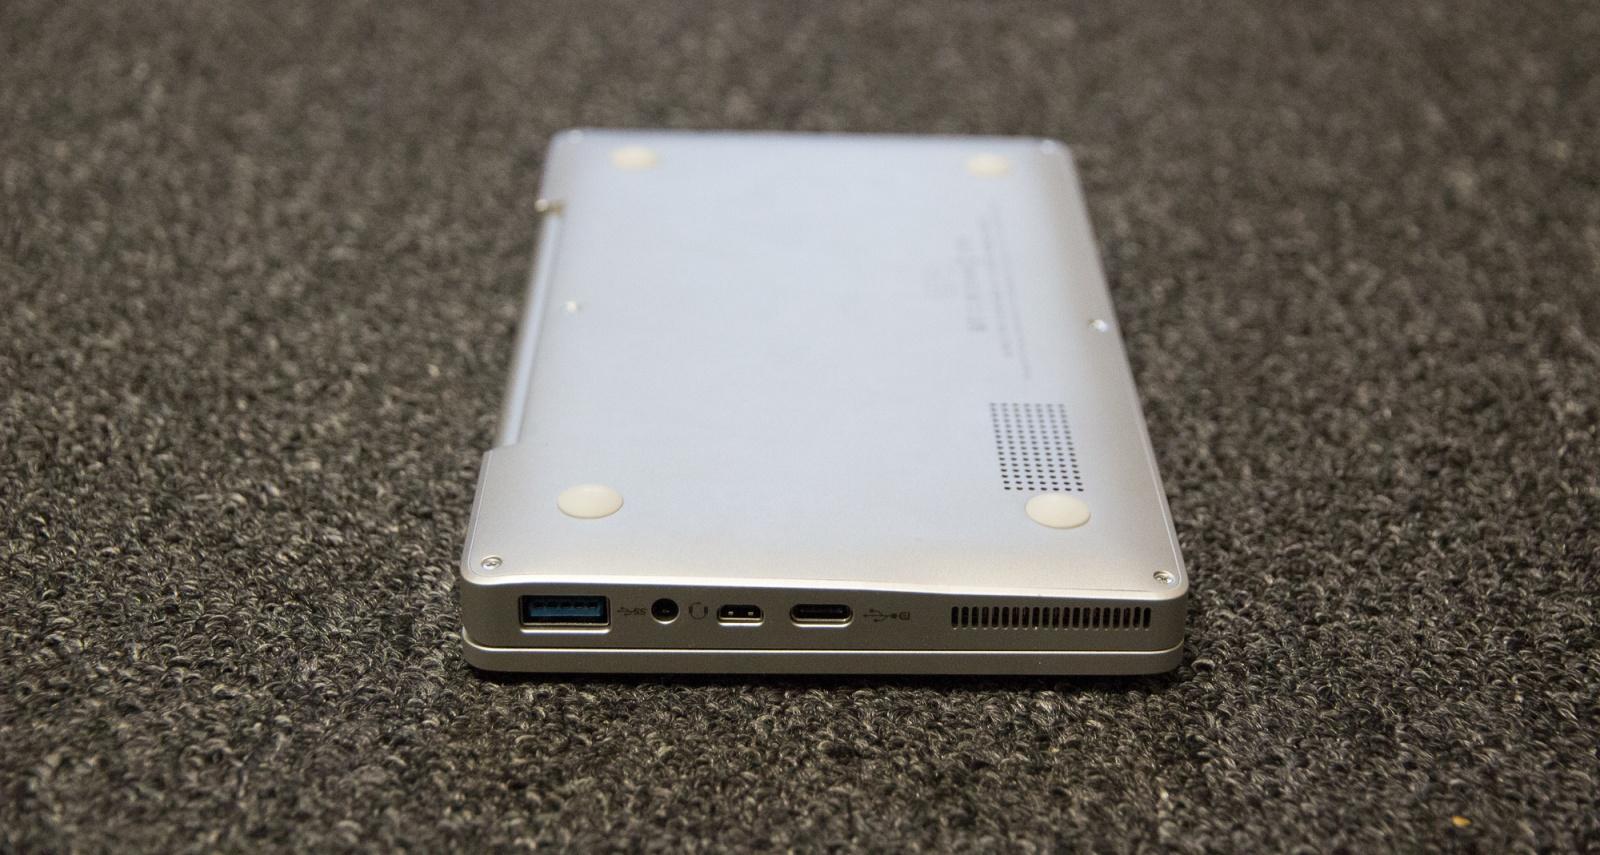 """Обзор миниатюрного 7"""" ноутбук GPD Pocket. Рабочее место сисадмина-программиста в кармане куртки - 12"""